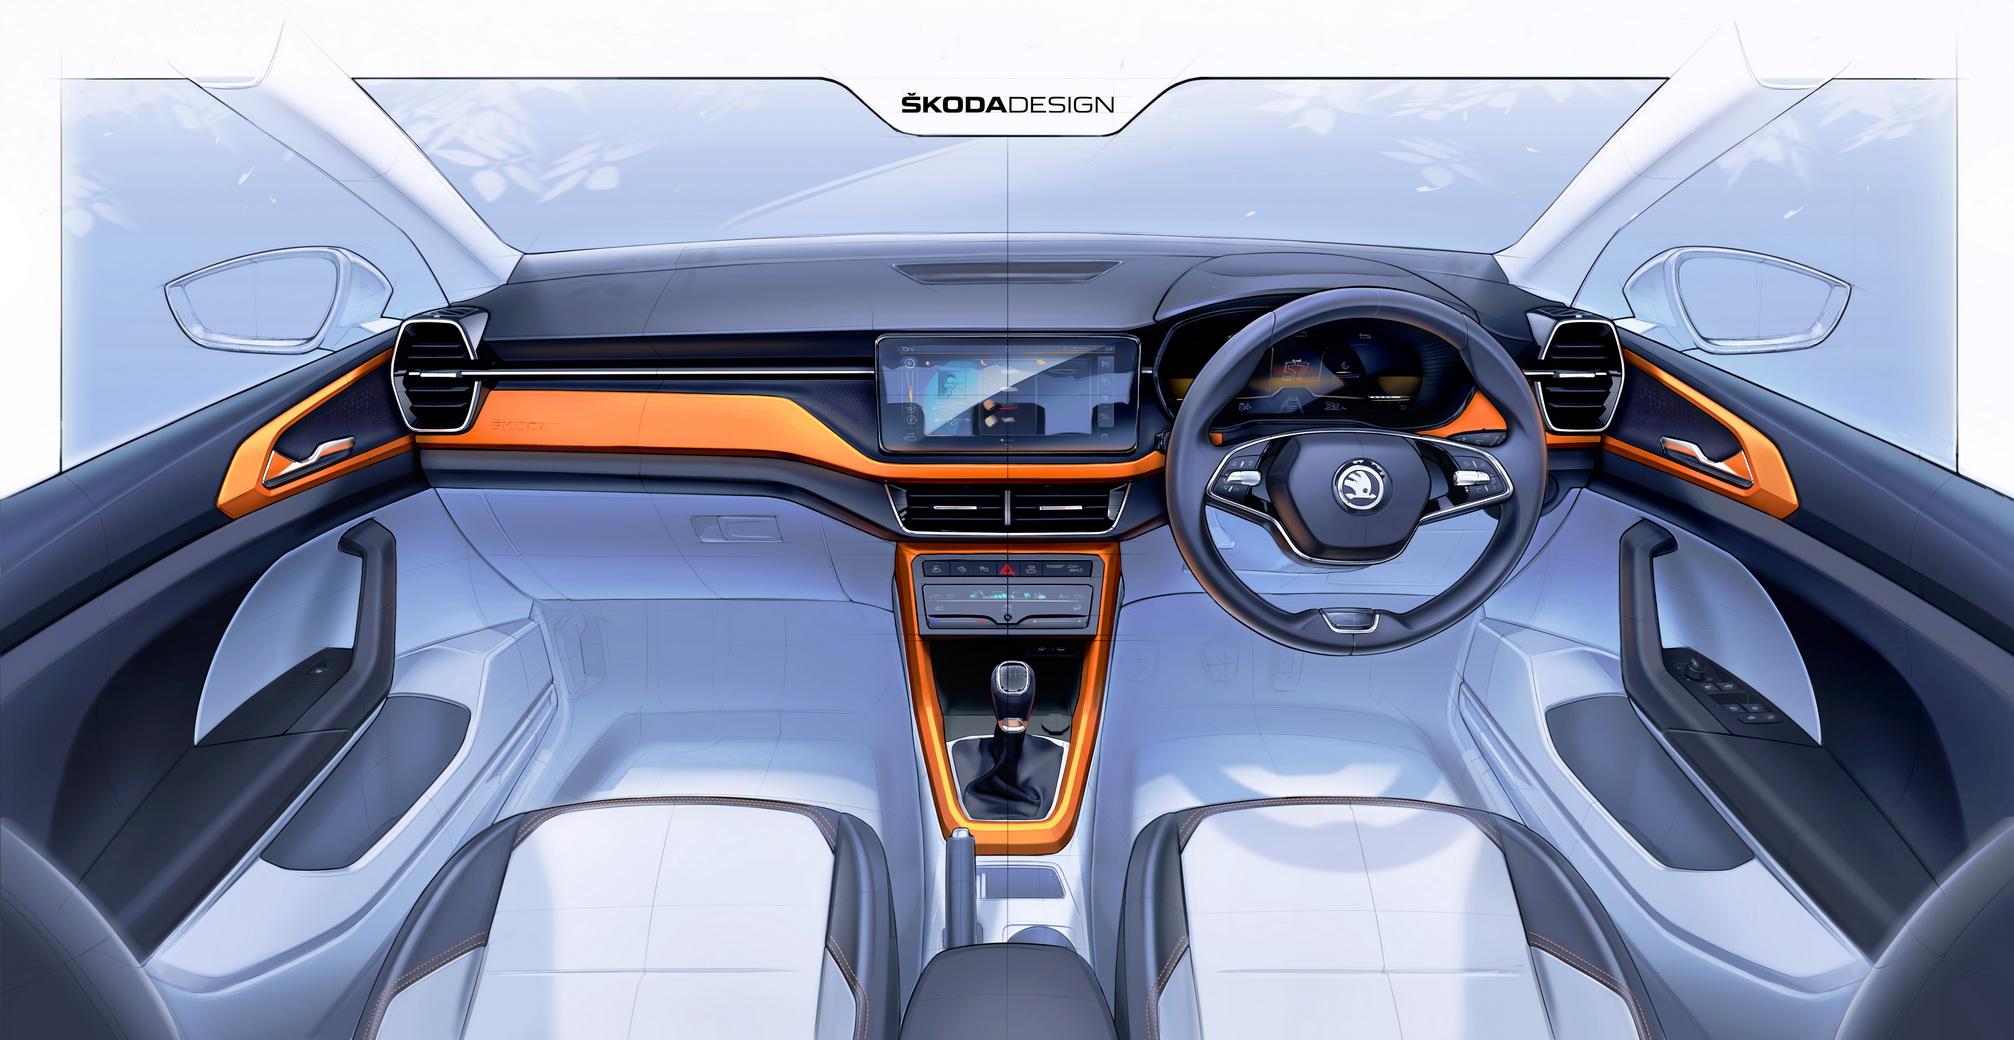 2021-skoda-kushaq-india-suv-interior-1